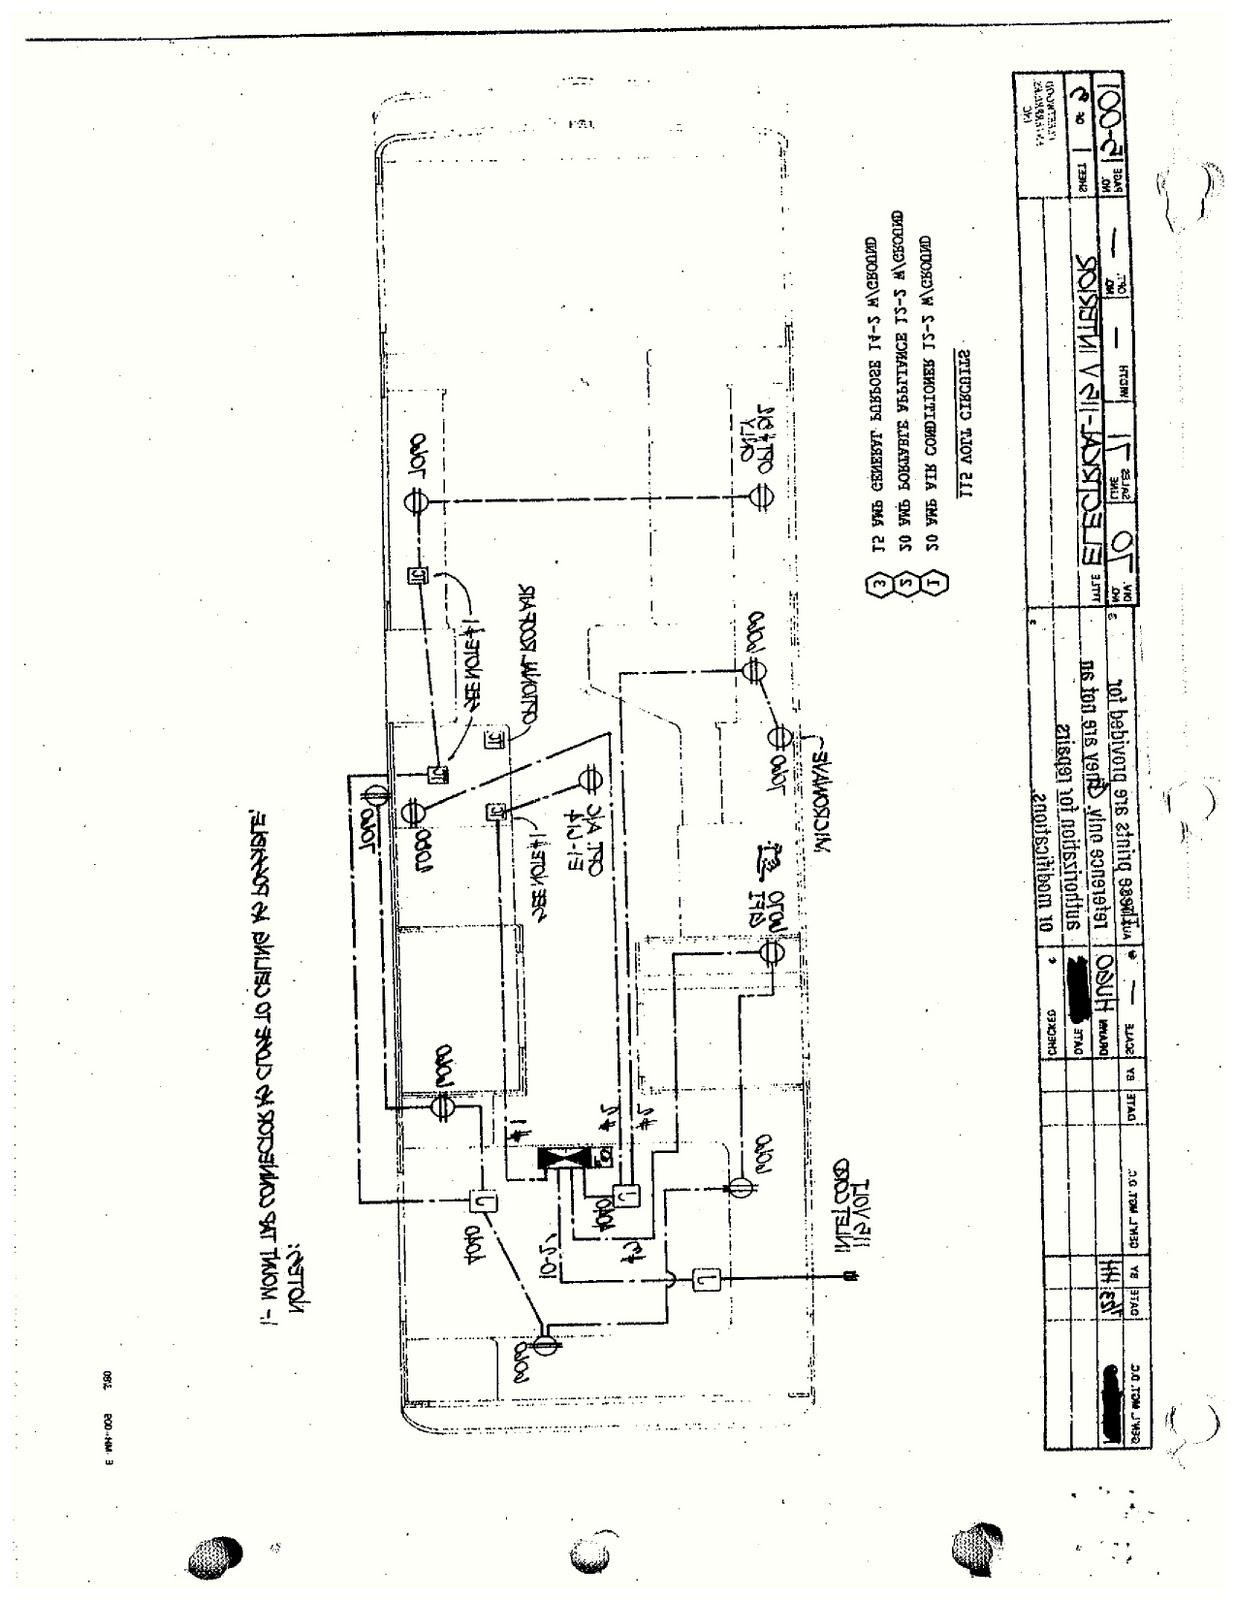 medium resolution of fleetwood mallard trailer wiring diagram simple wiring diagram 1992 fleetwood motorhome wiring diagram fleetwood mallard wiring